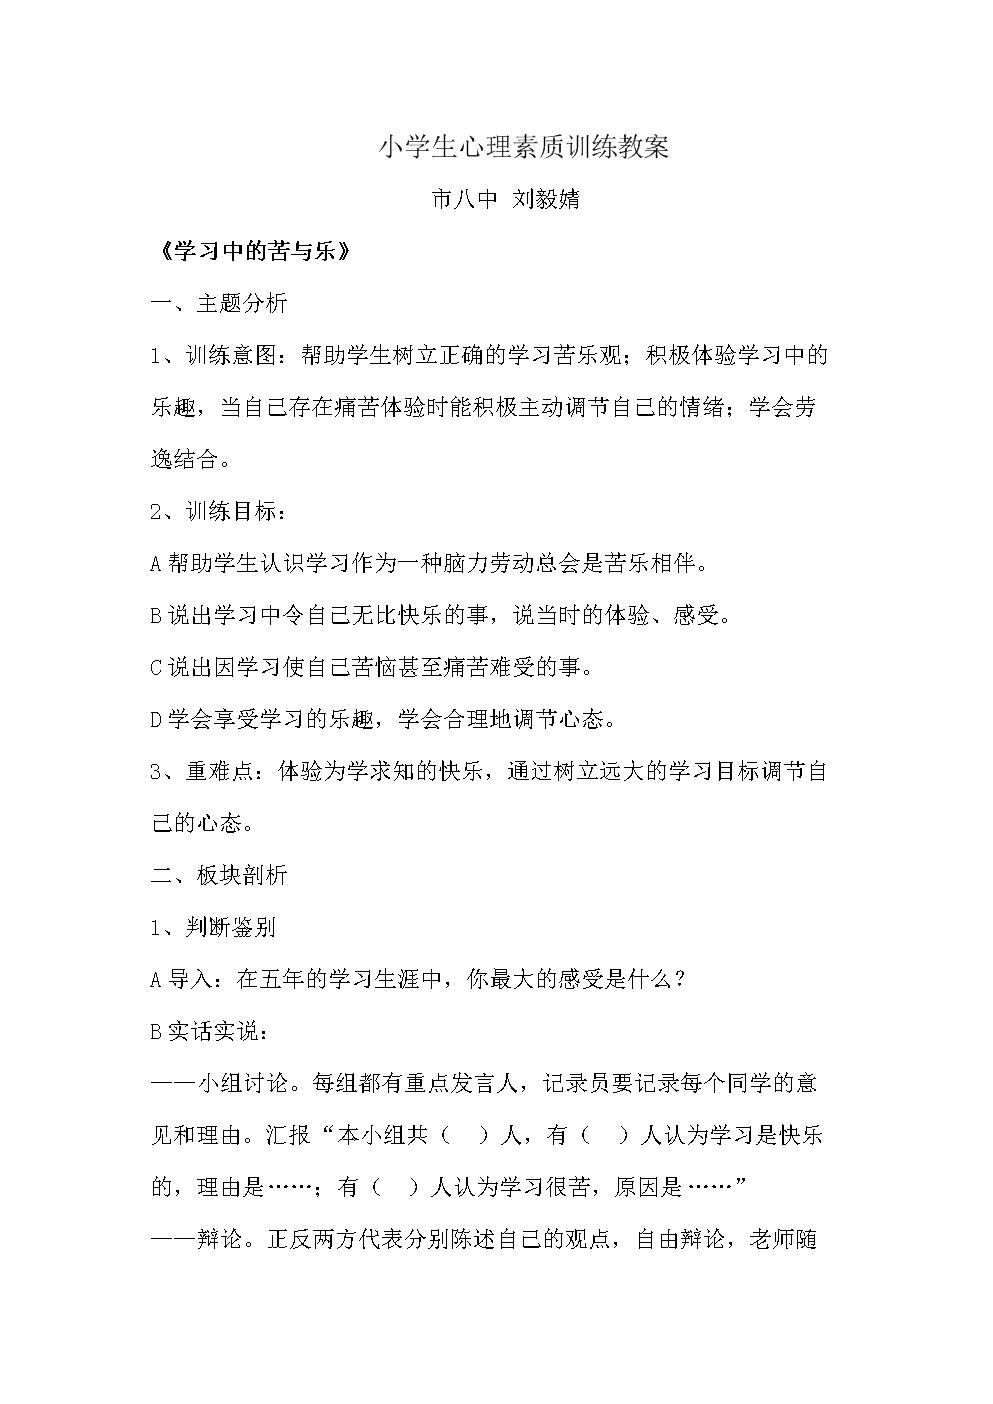 刘毅婧-心理素质教育教案.doc